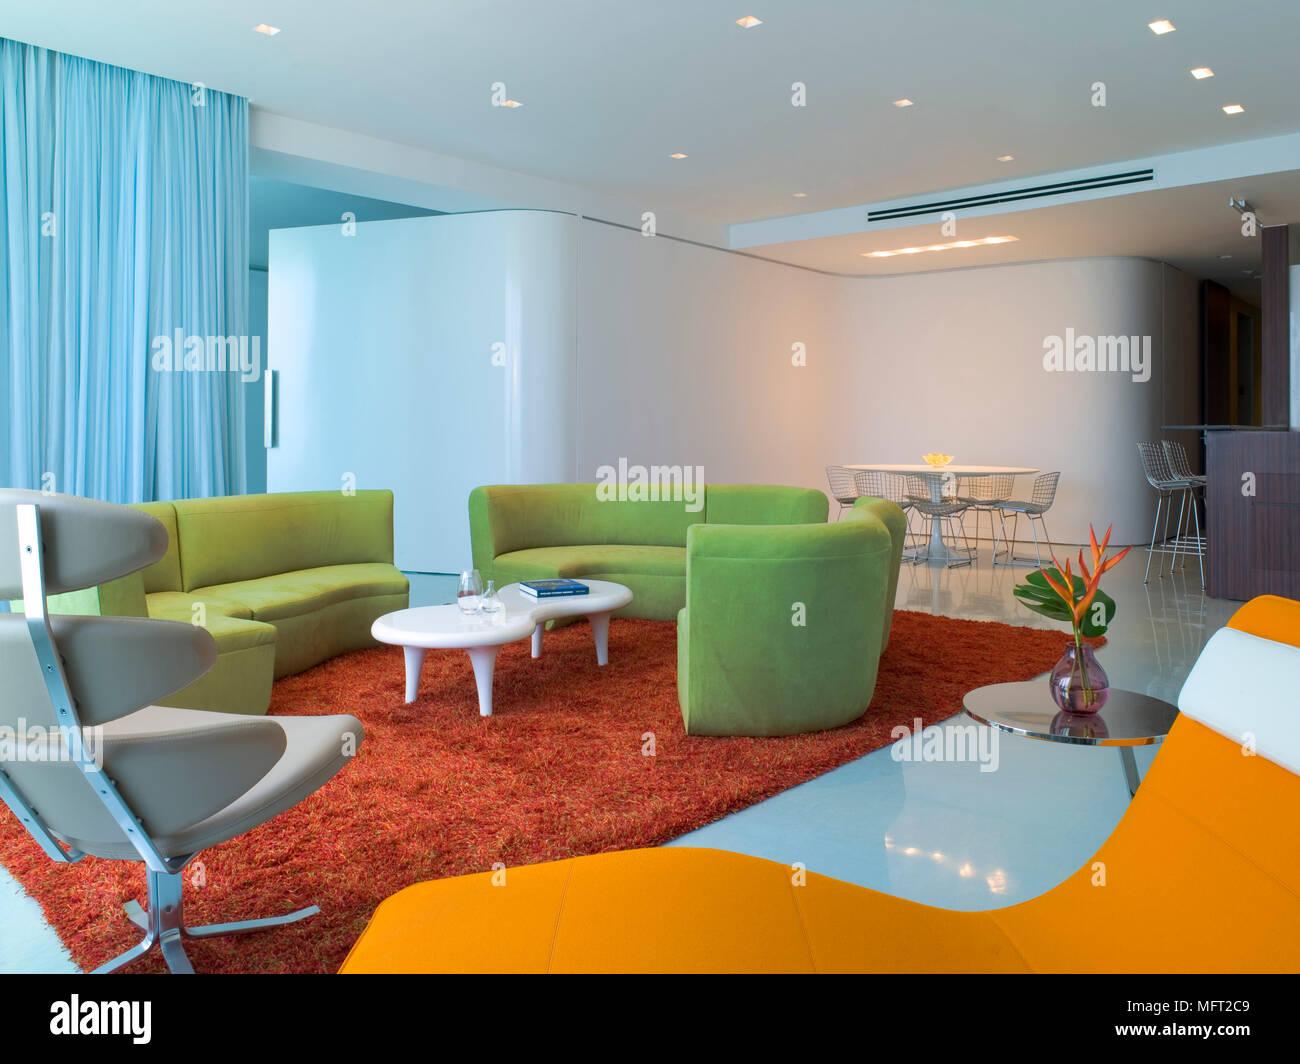 Ein Modernes, Retro Style Offene Wohnzimmer Mit Essbereich, Geschwungene,  Gepolsterten Sitzgelegenheiten, Geformt Geschwungene Wand, Roter Teppich,  ...